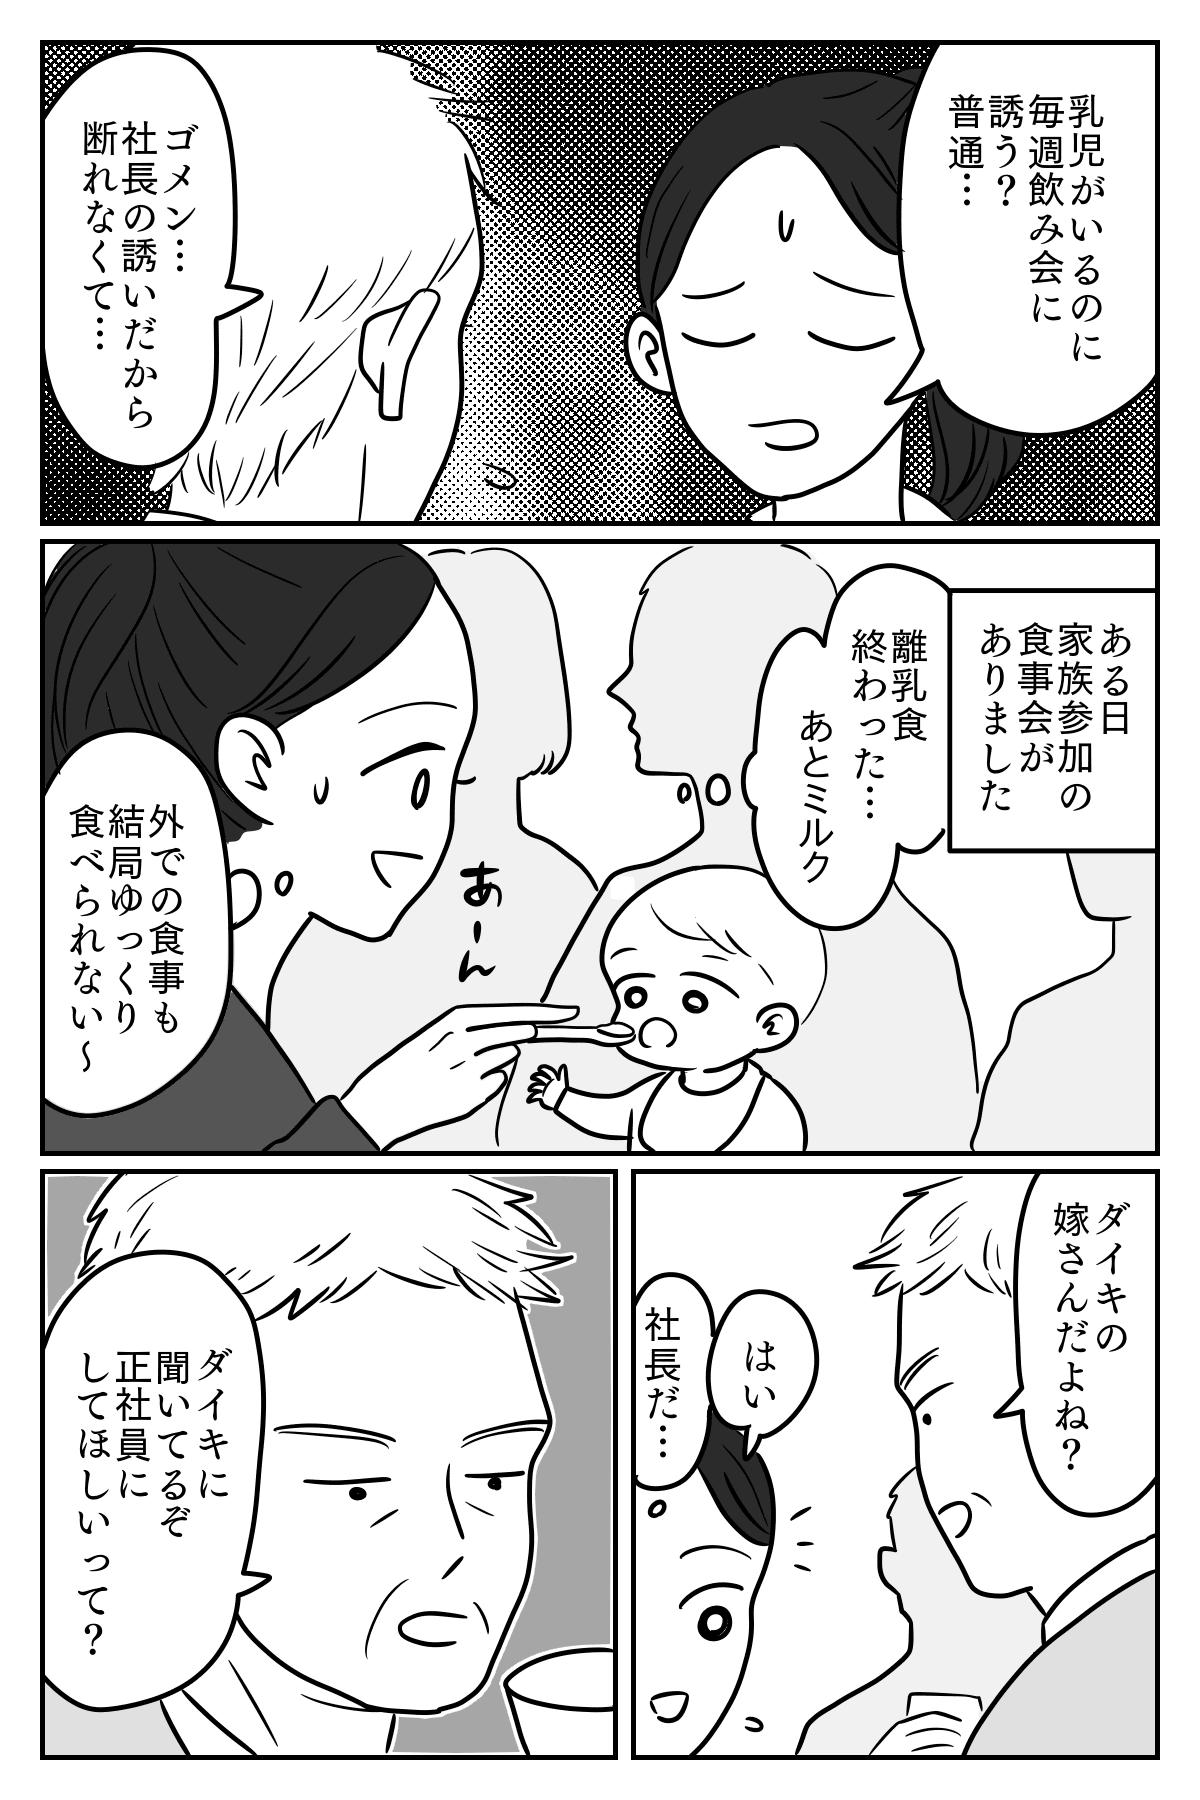 守銭奴前編02